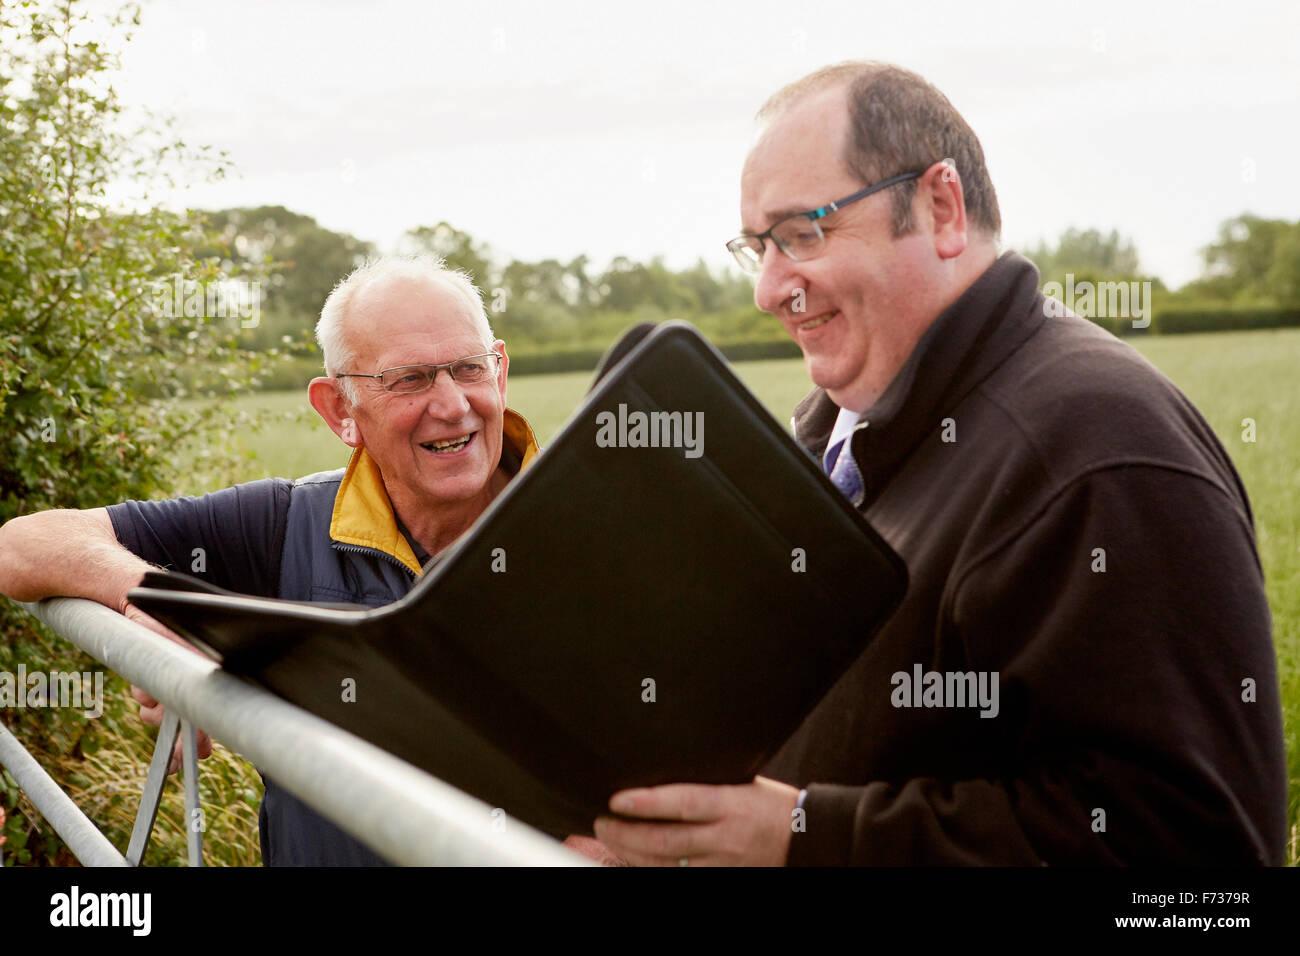 Zwei Männer stehen mit Blick auf einen Hof, eine mit einer geöffneten Datei und Papierkram. Stockbild